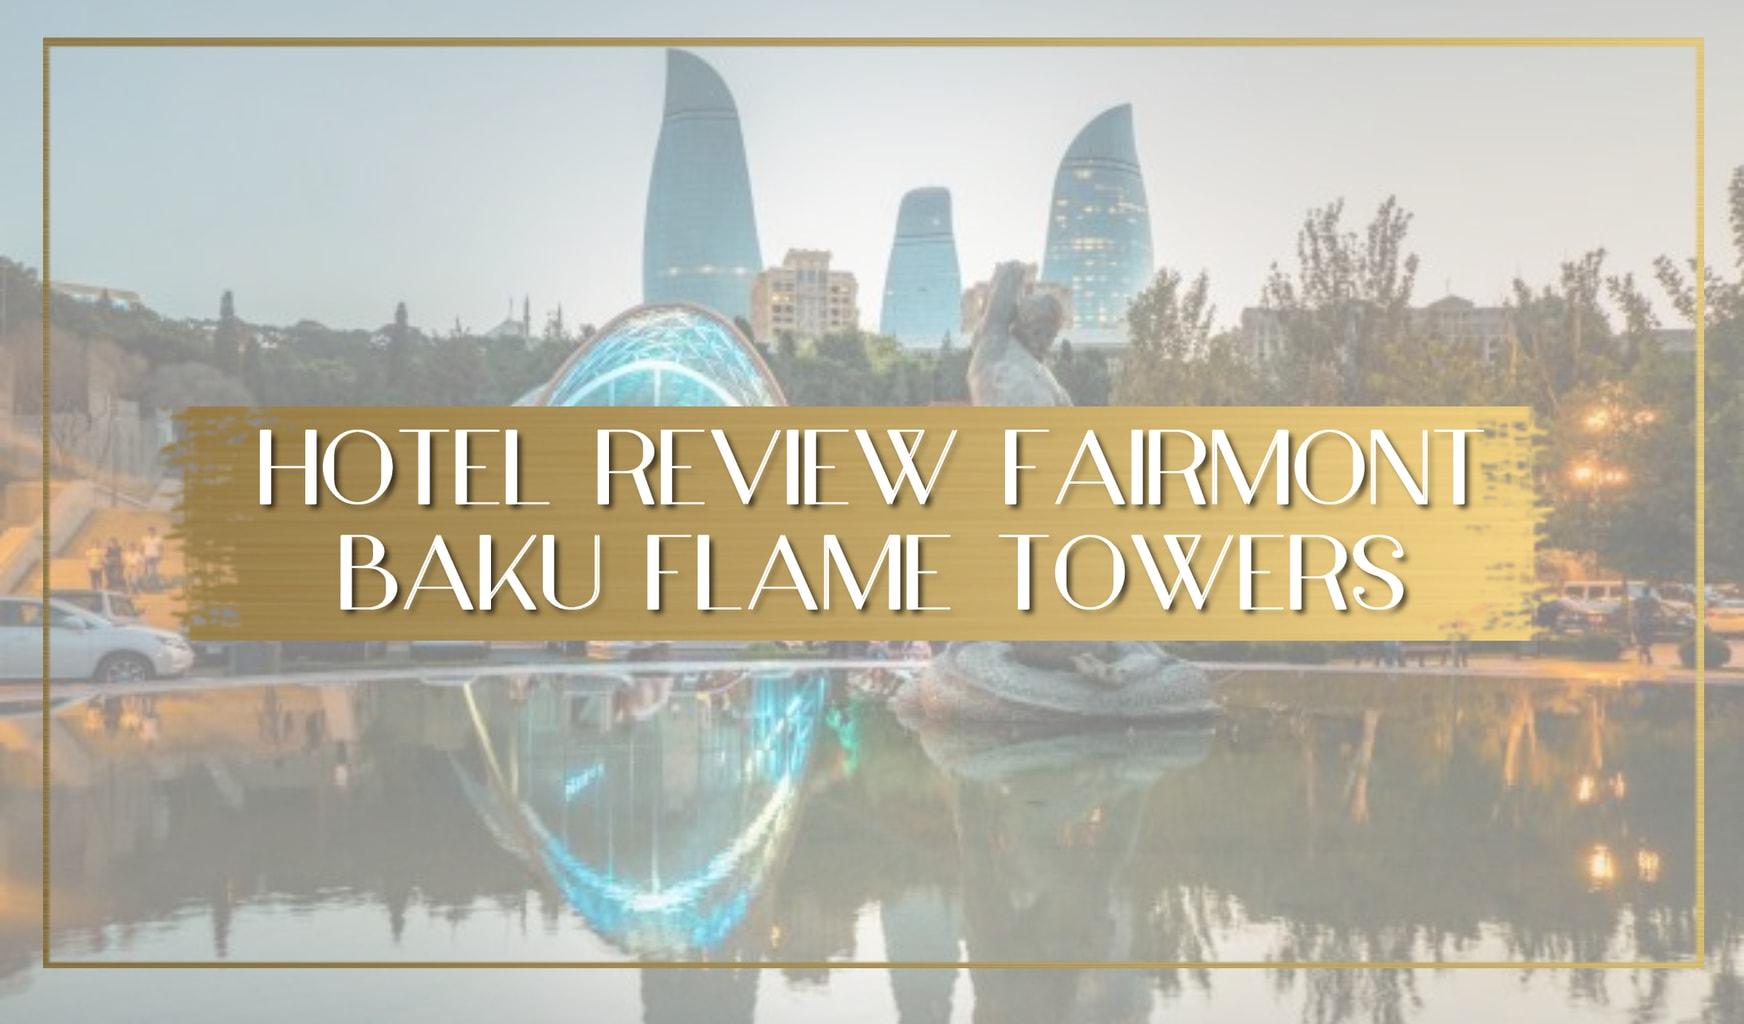 Fairmont Baku Flame Towers review main